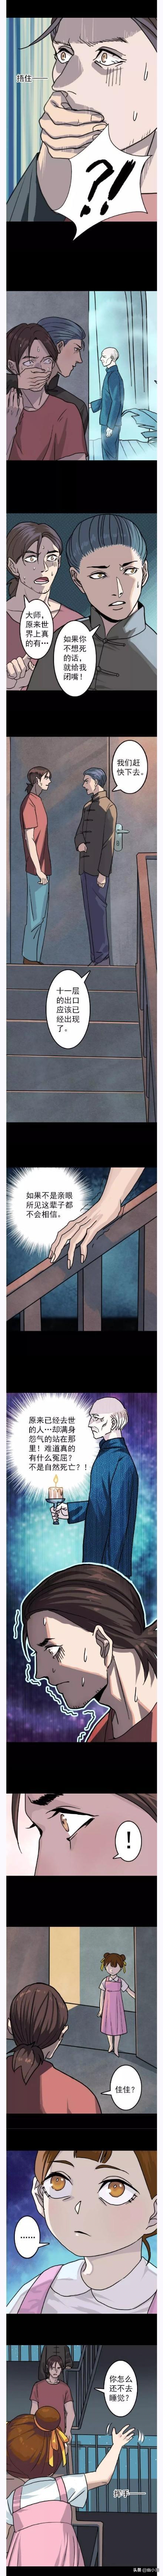 恐怖悬疑惊悚盗墓漫画小说《凶棺》连载-第12章:房子不见了